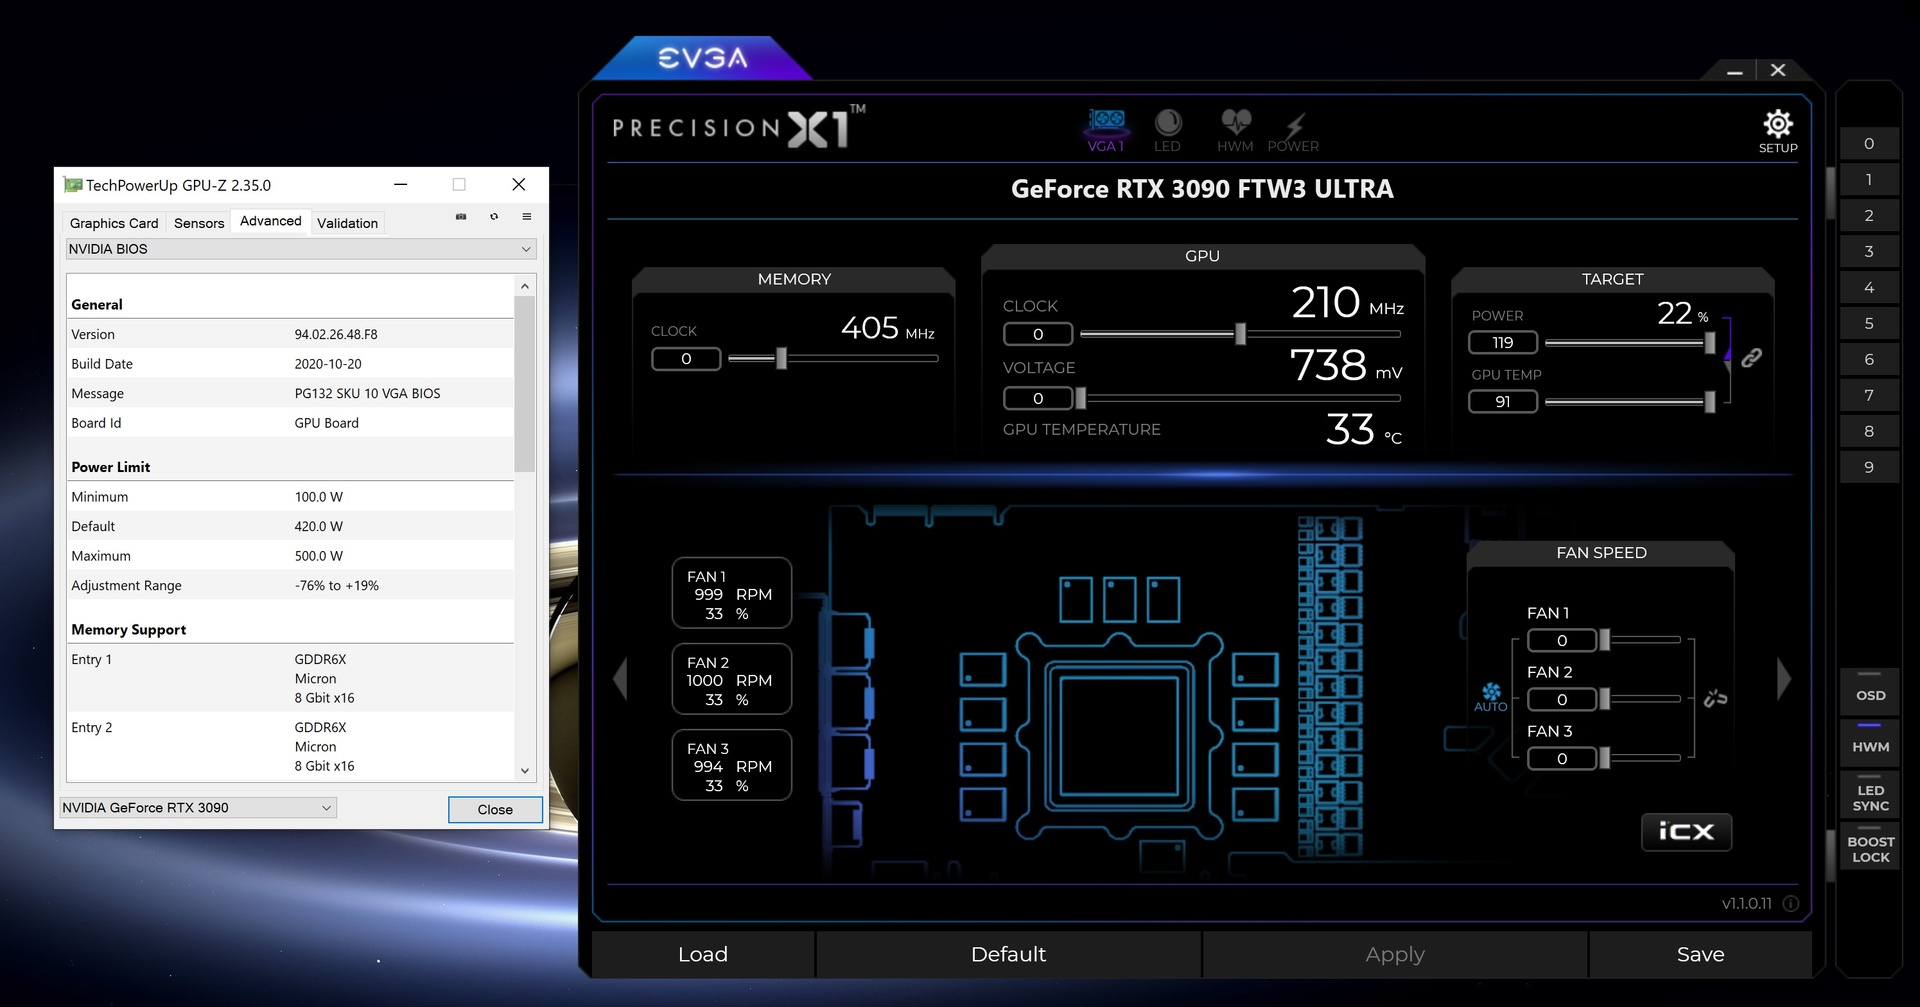 EVGA GeForce RTX 3090 FTW3 Ultra mit 500-Watt-BIOS und 119% Power Target (Bild:EVGA)